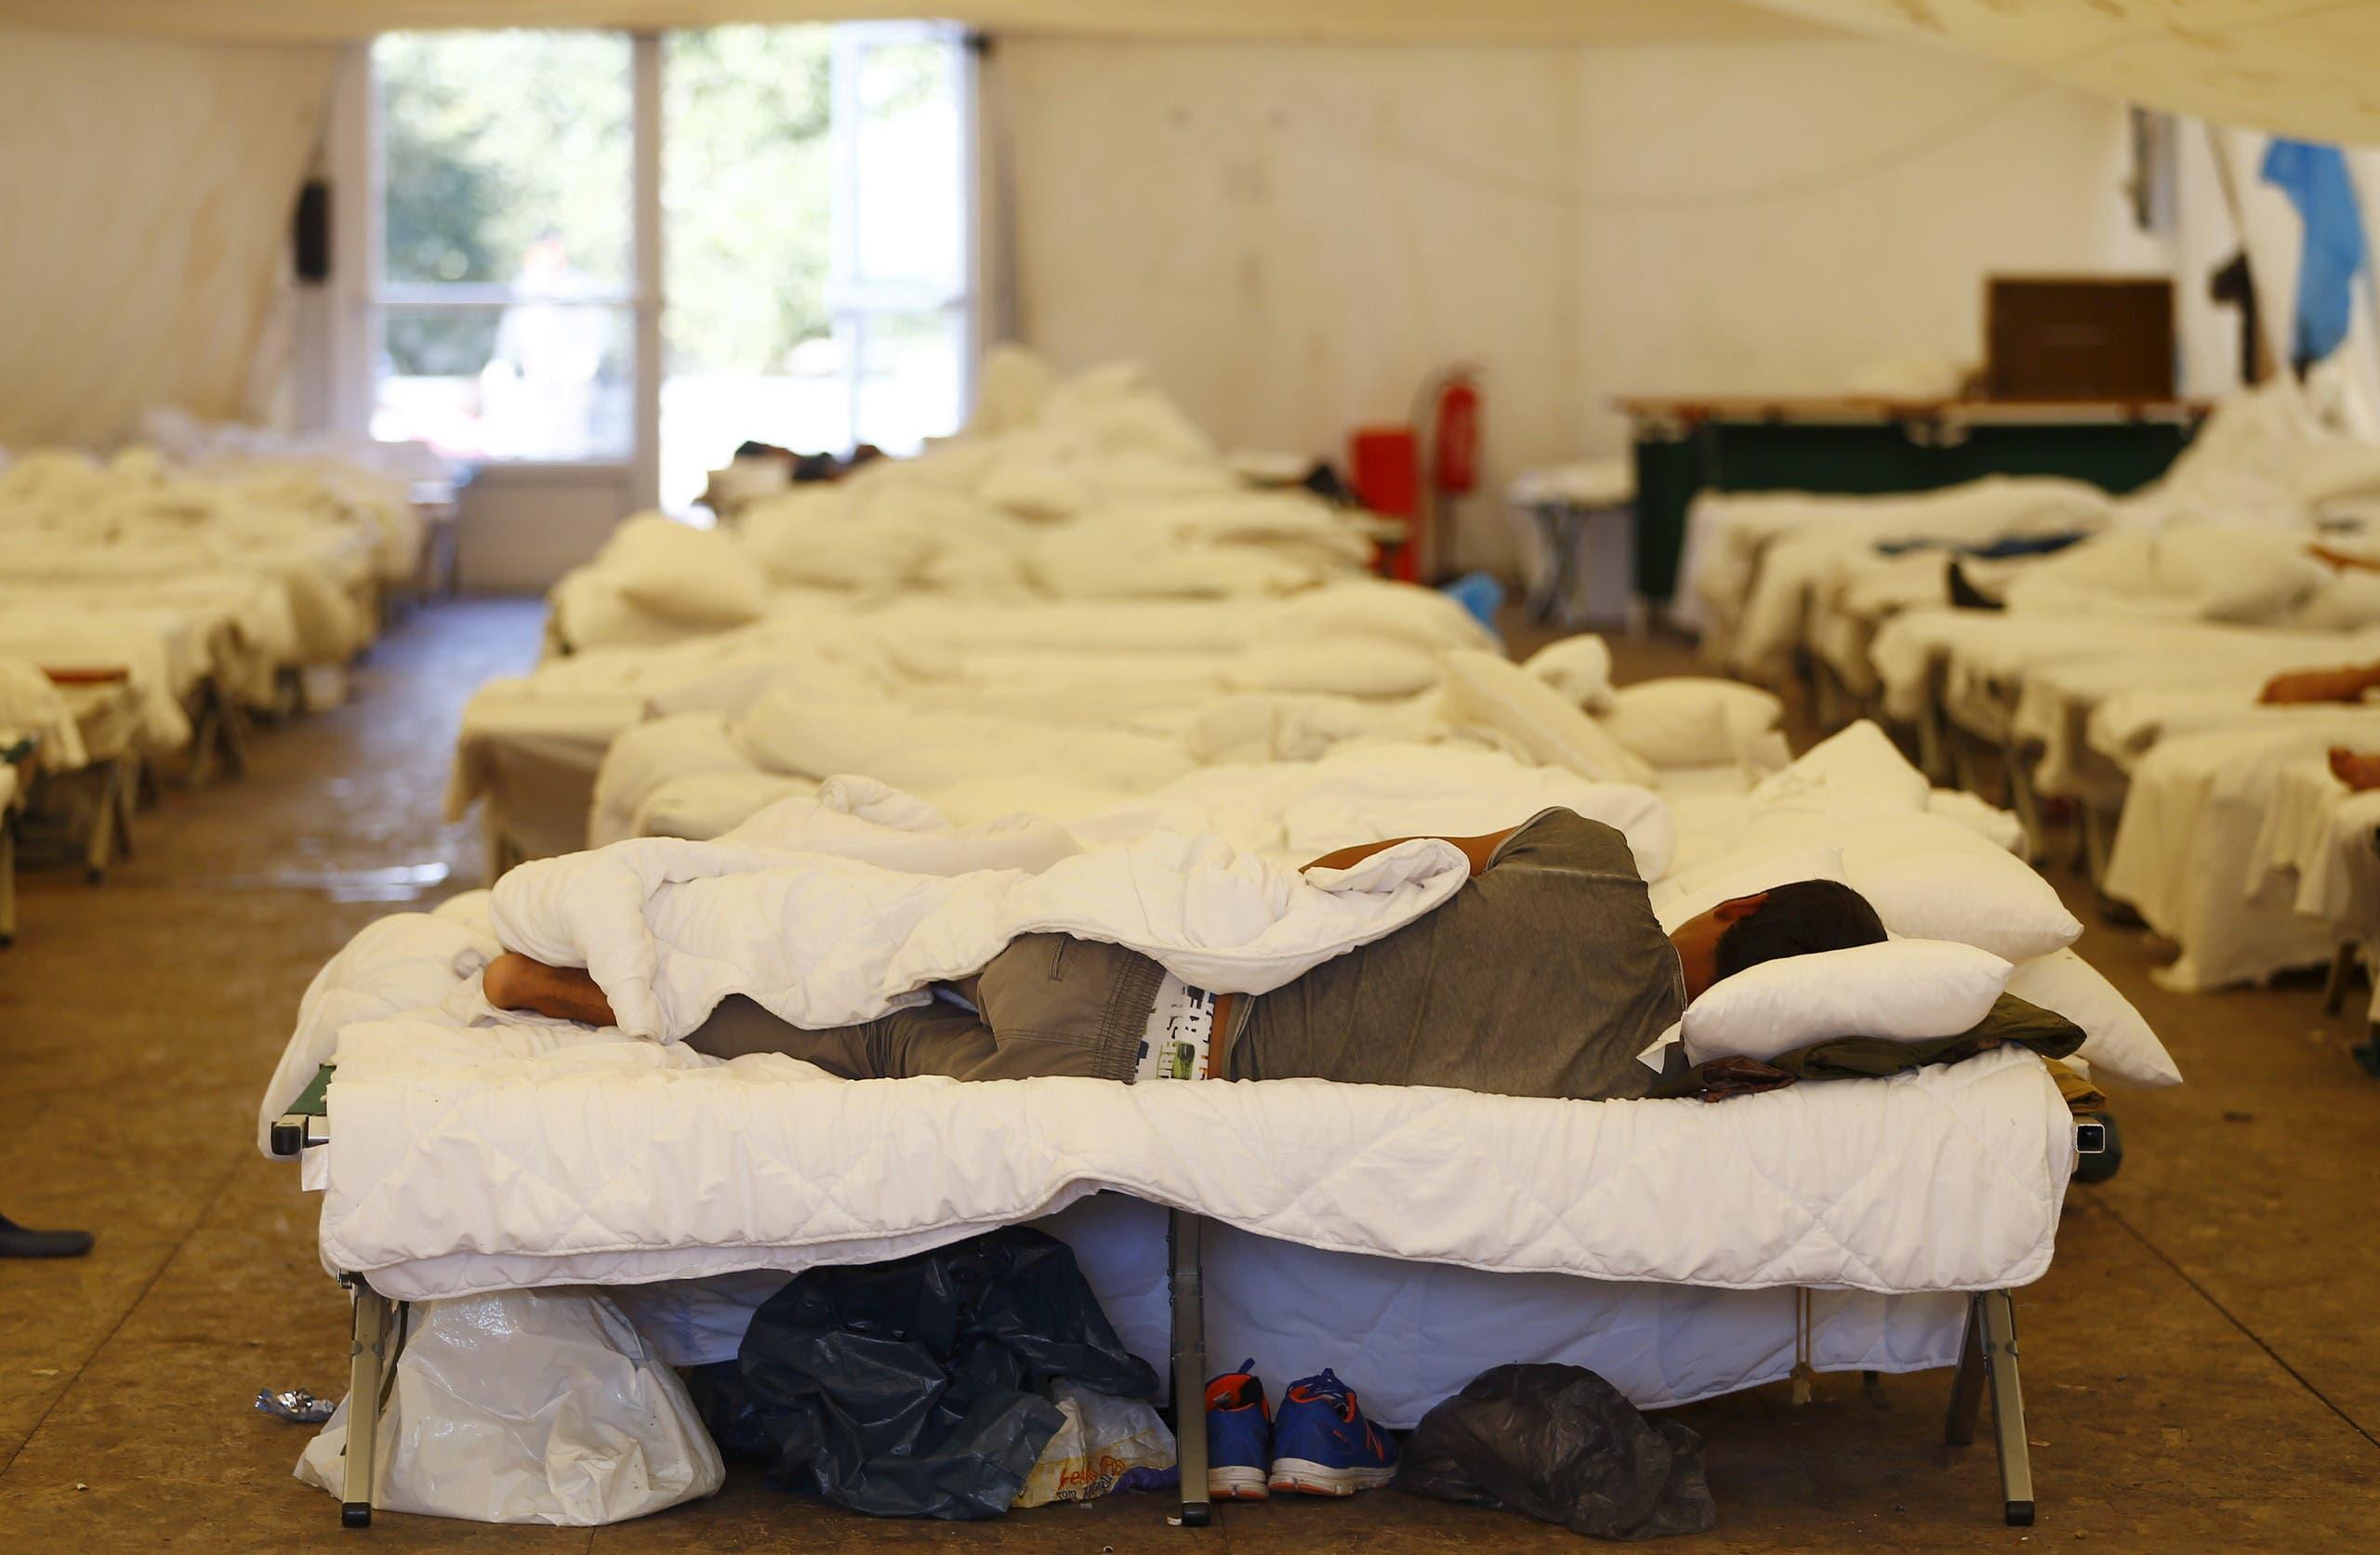 مهاجرون أفغان في مركز لإيواء طالبي اللجوء في ألمانيا في 2015 (أرشيفية)